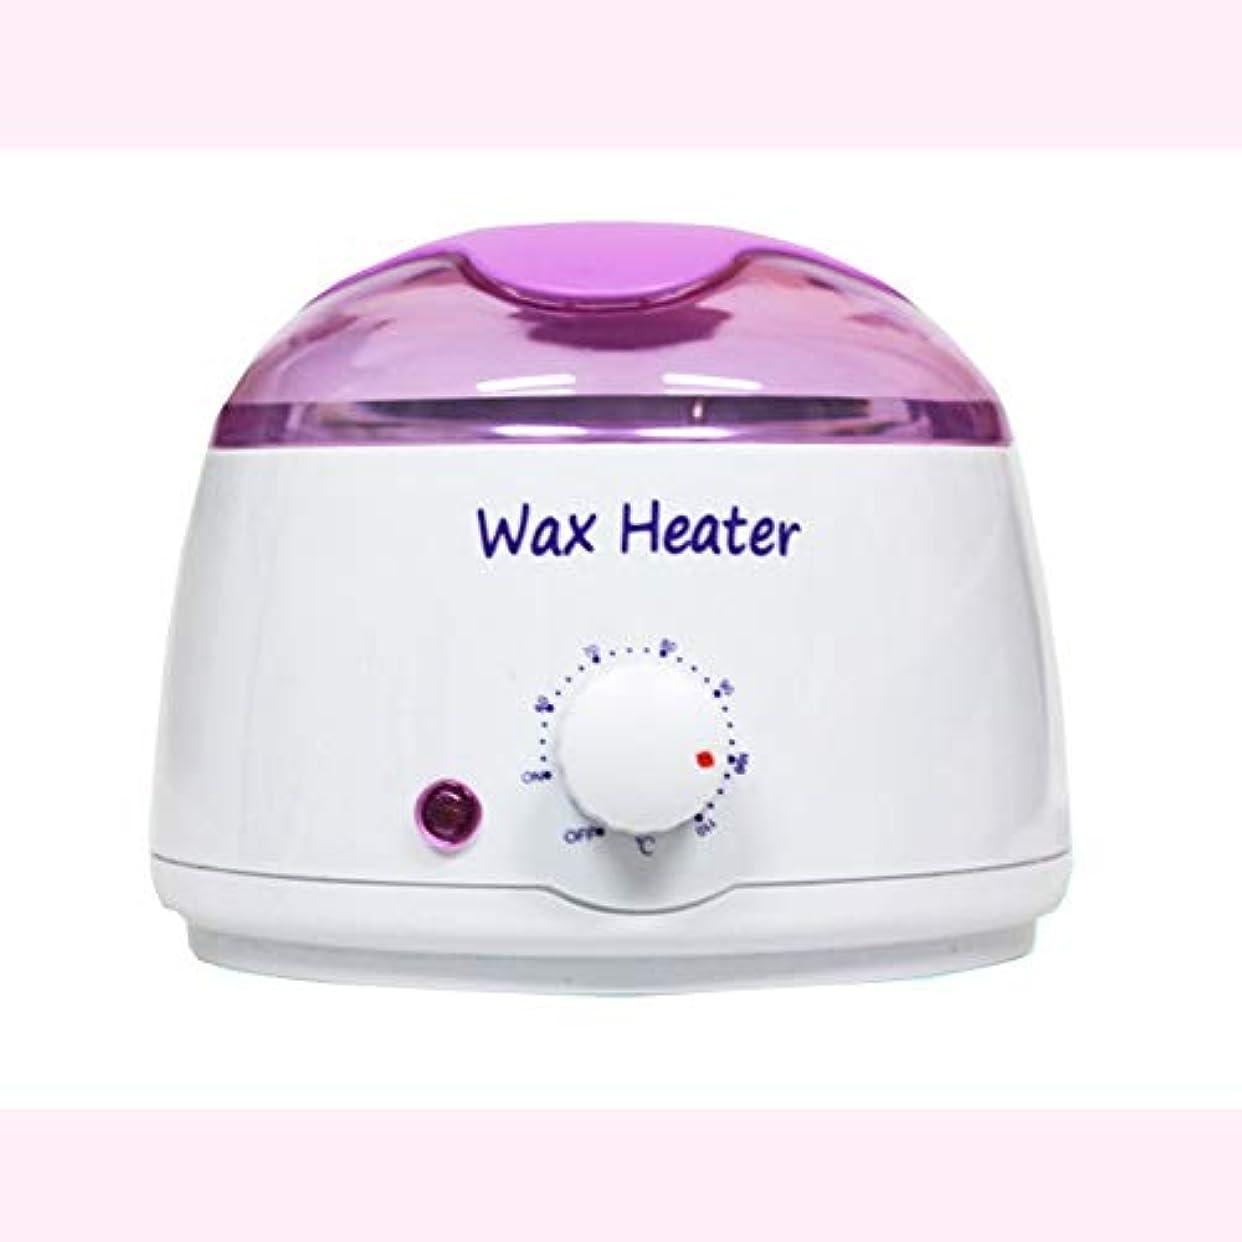 ジュース現実には是正する専門の電気ワックスのウォーマーおよびヒーター、女性/人のための毛の取り外しの家のワックスのためのワックスのメルターは小型多機能のワックス機械を熱します